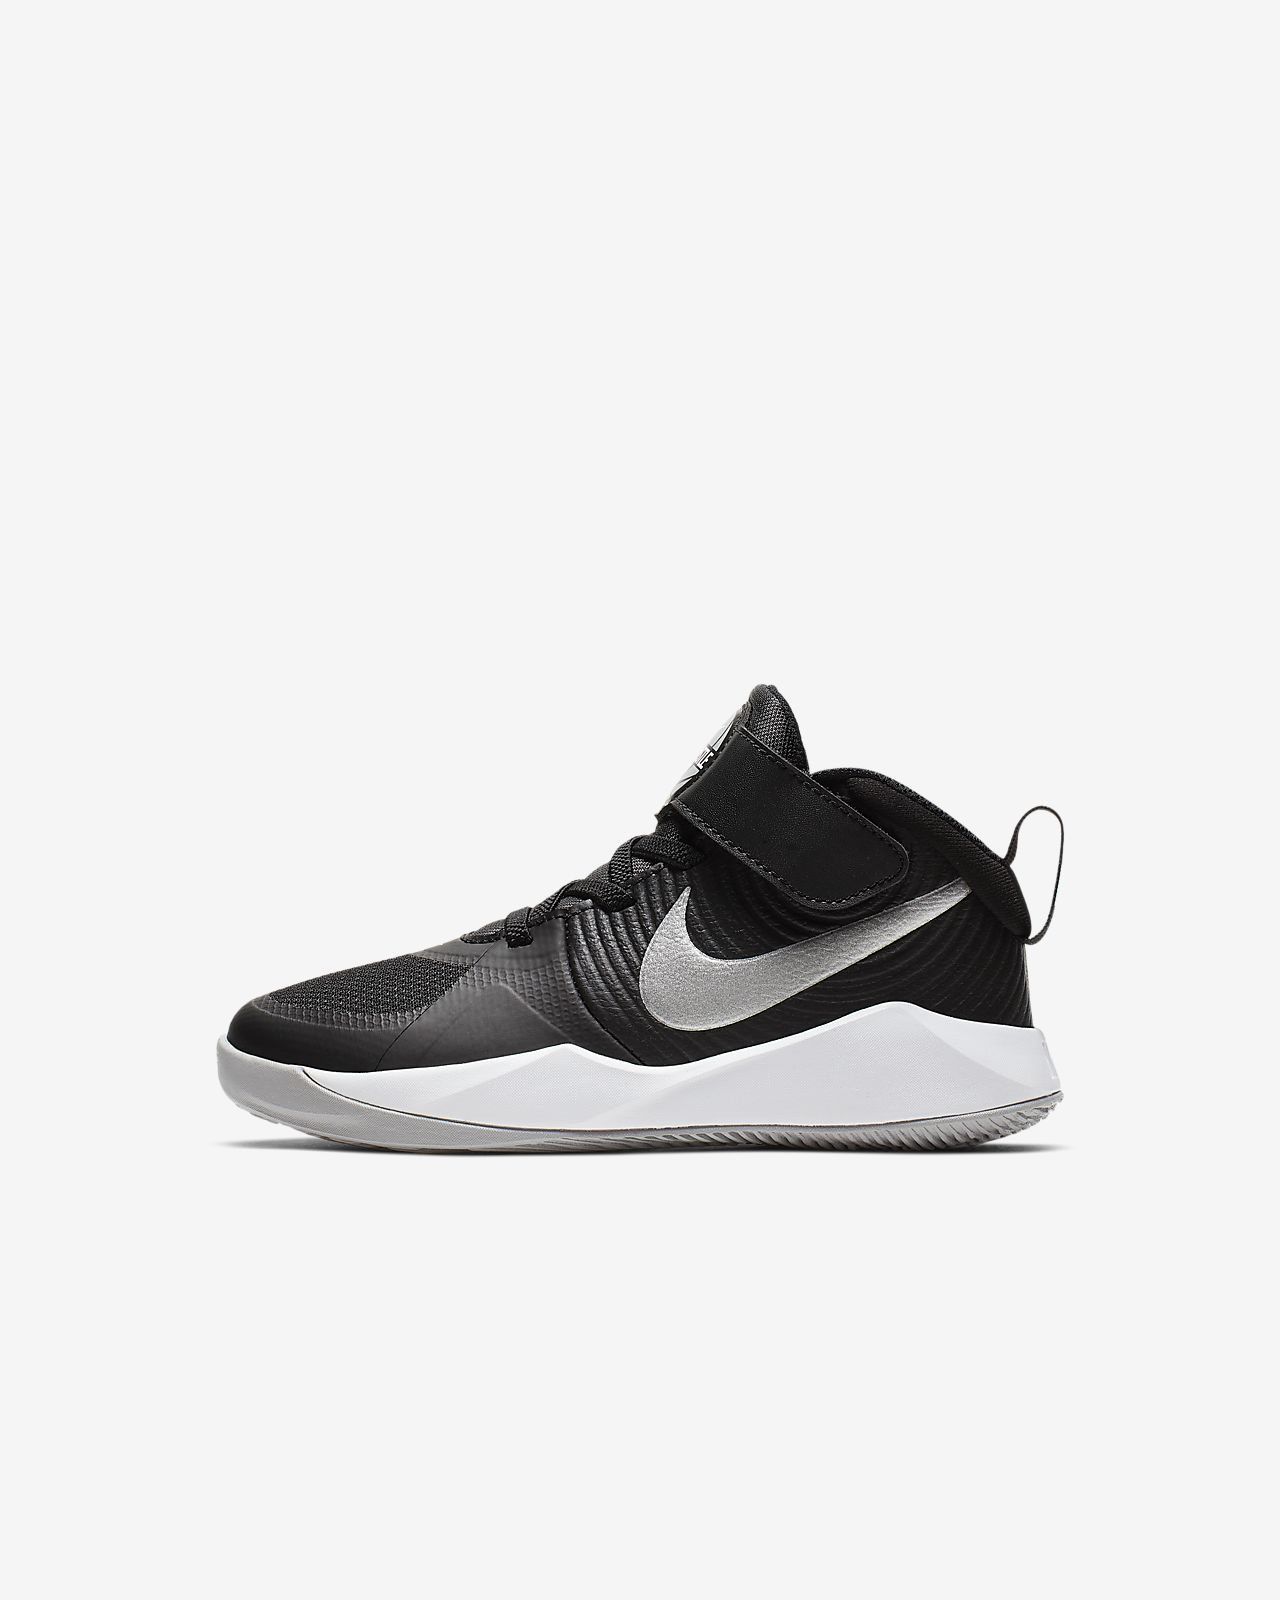 Chaussure Team Hustle Nike 9 Enfant D Jeune Pour 1lKFcJ